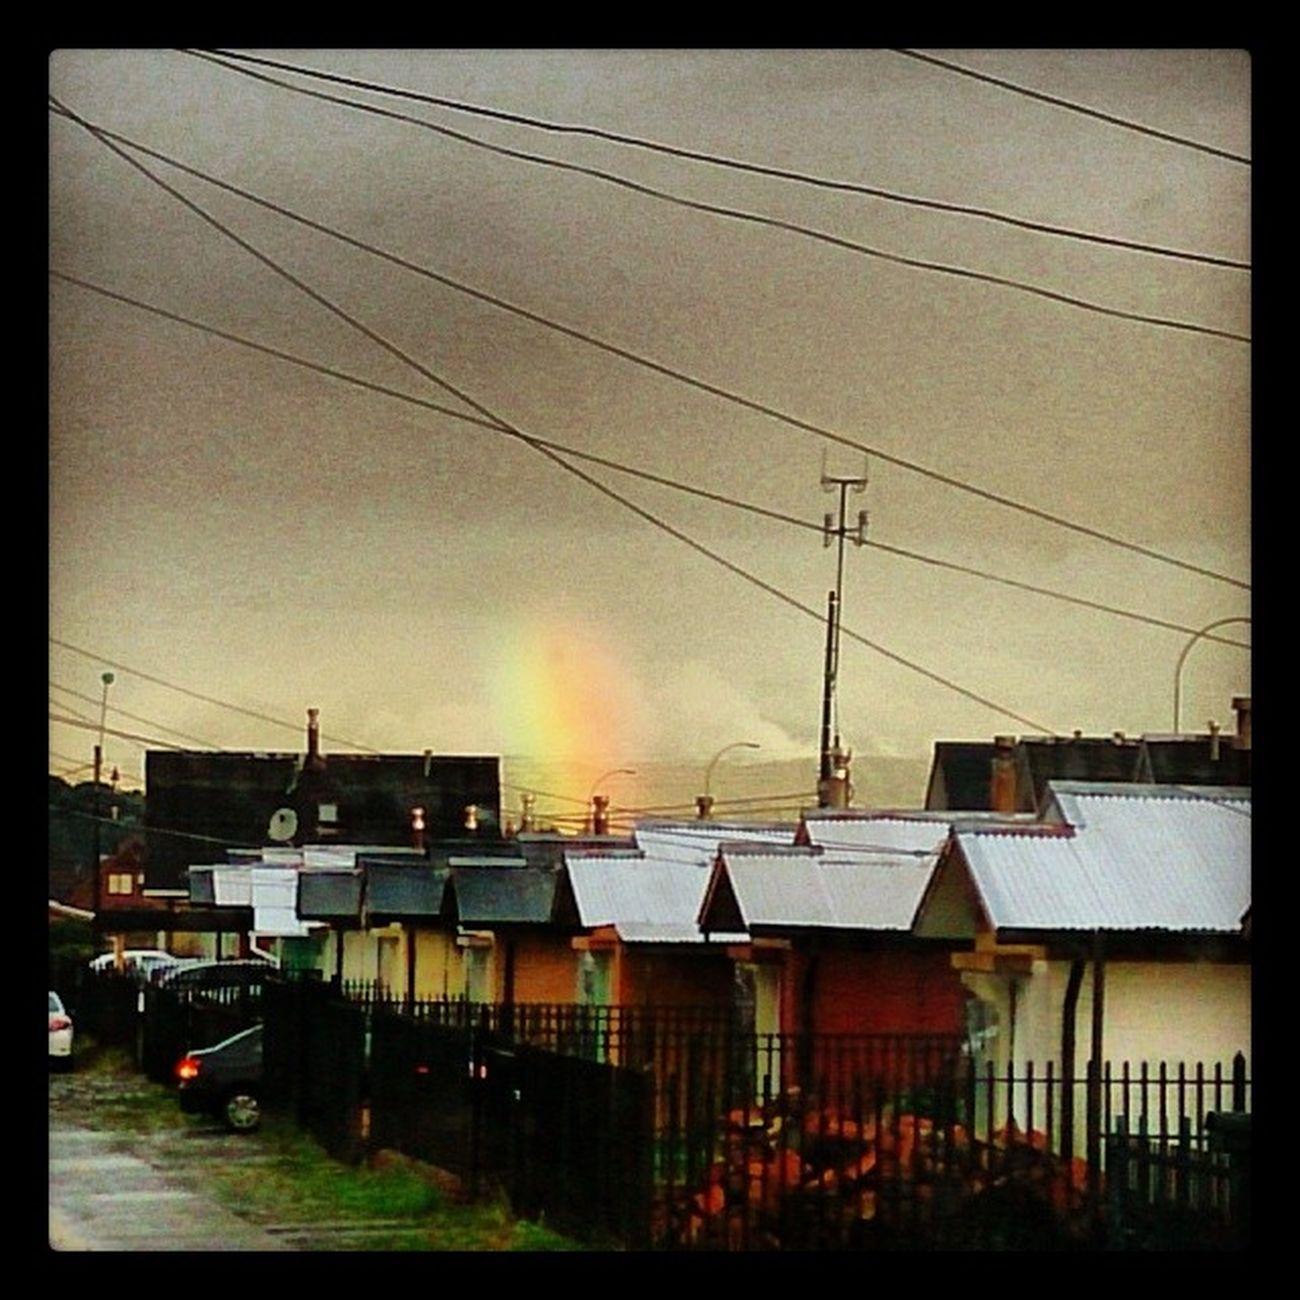 Un lindo arcoiris se asoma por el fondo